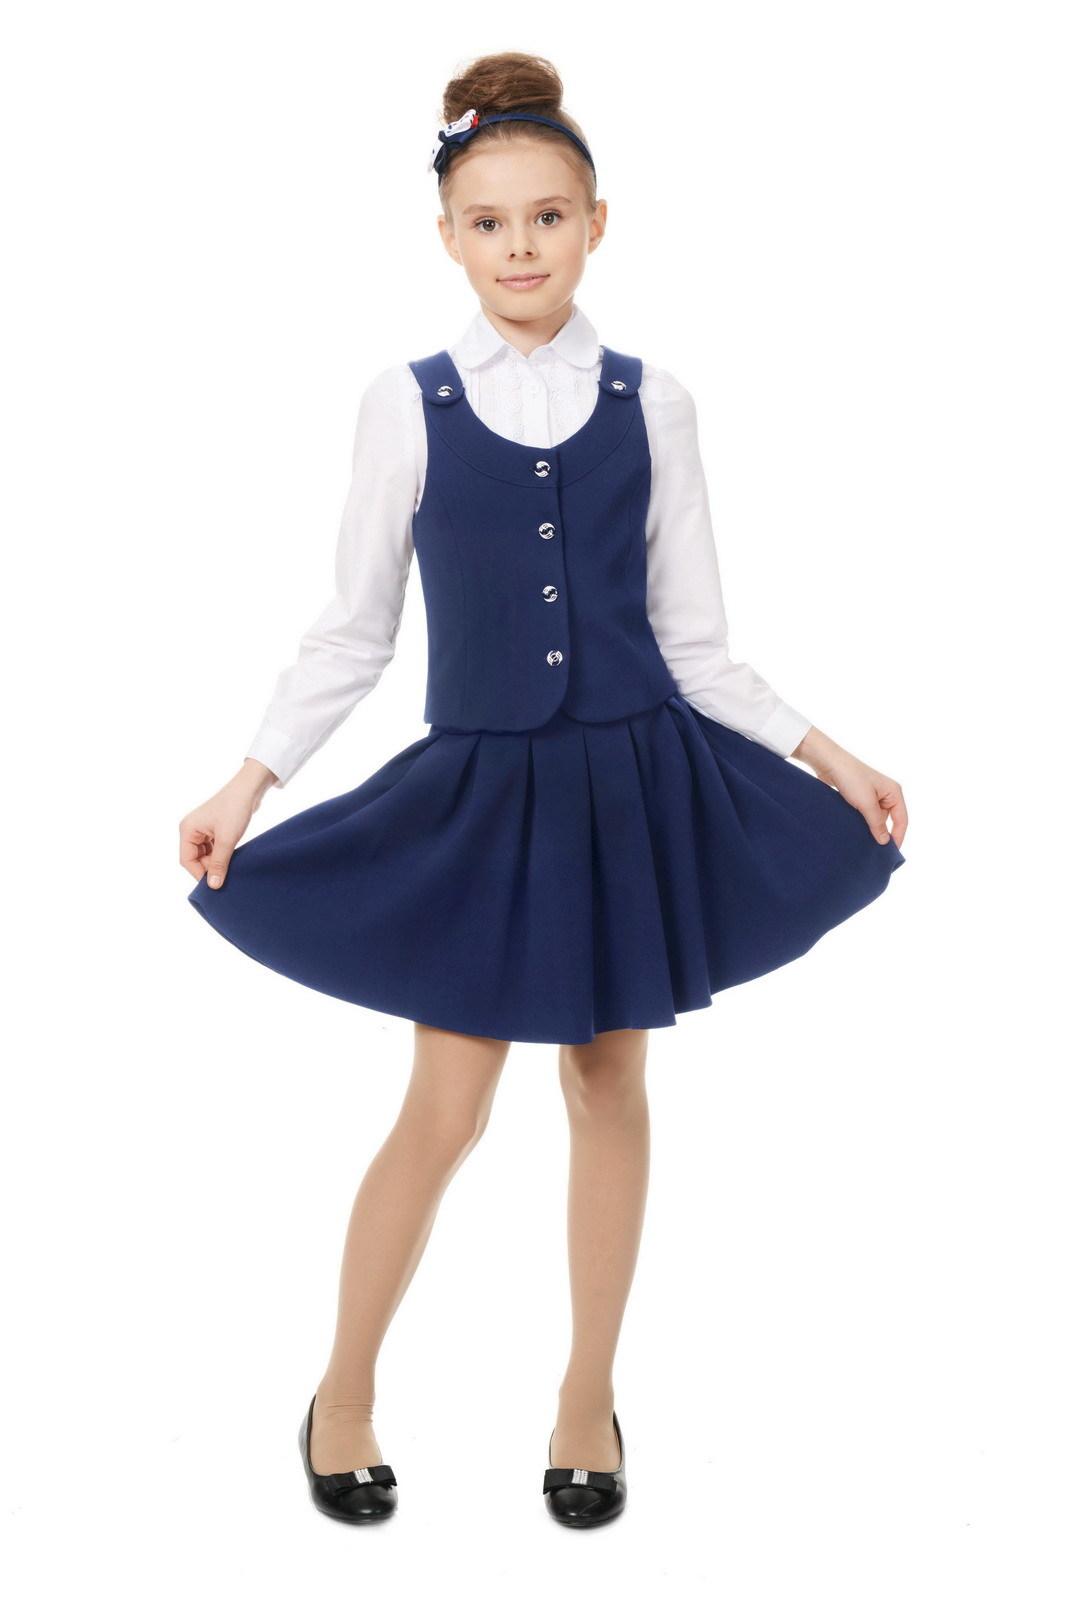 Купить Школьная юбка для девочек SkyLake ШФ-259 Рио цв. синий, р. 34/134, Юбки для девочек